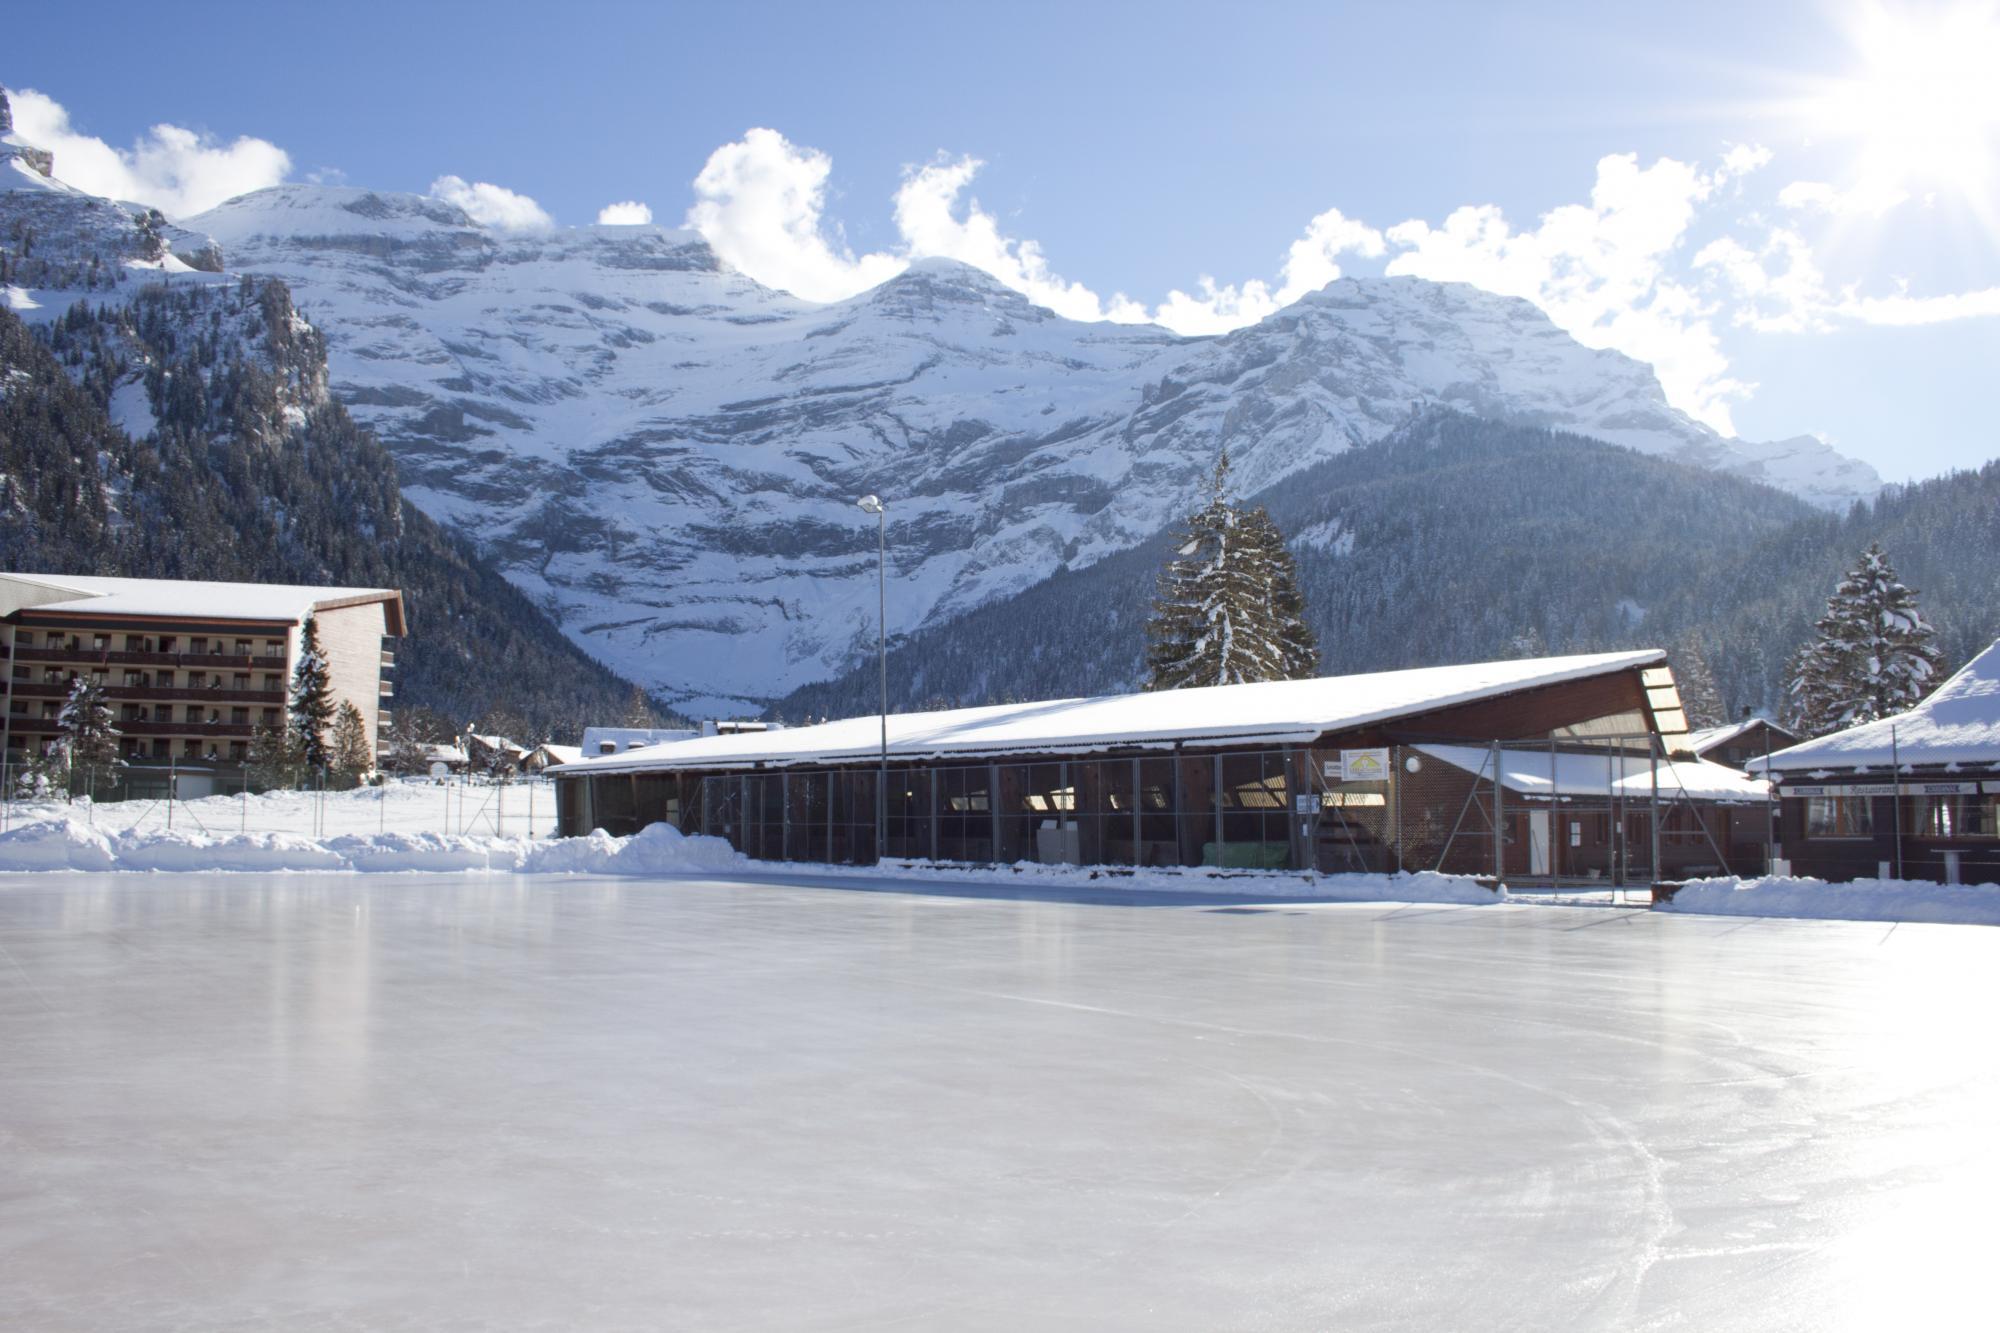 Patinoire des diablerets villars gryon les diablerets bex suisse - Office tourisme diablerets ...